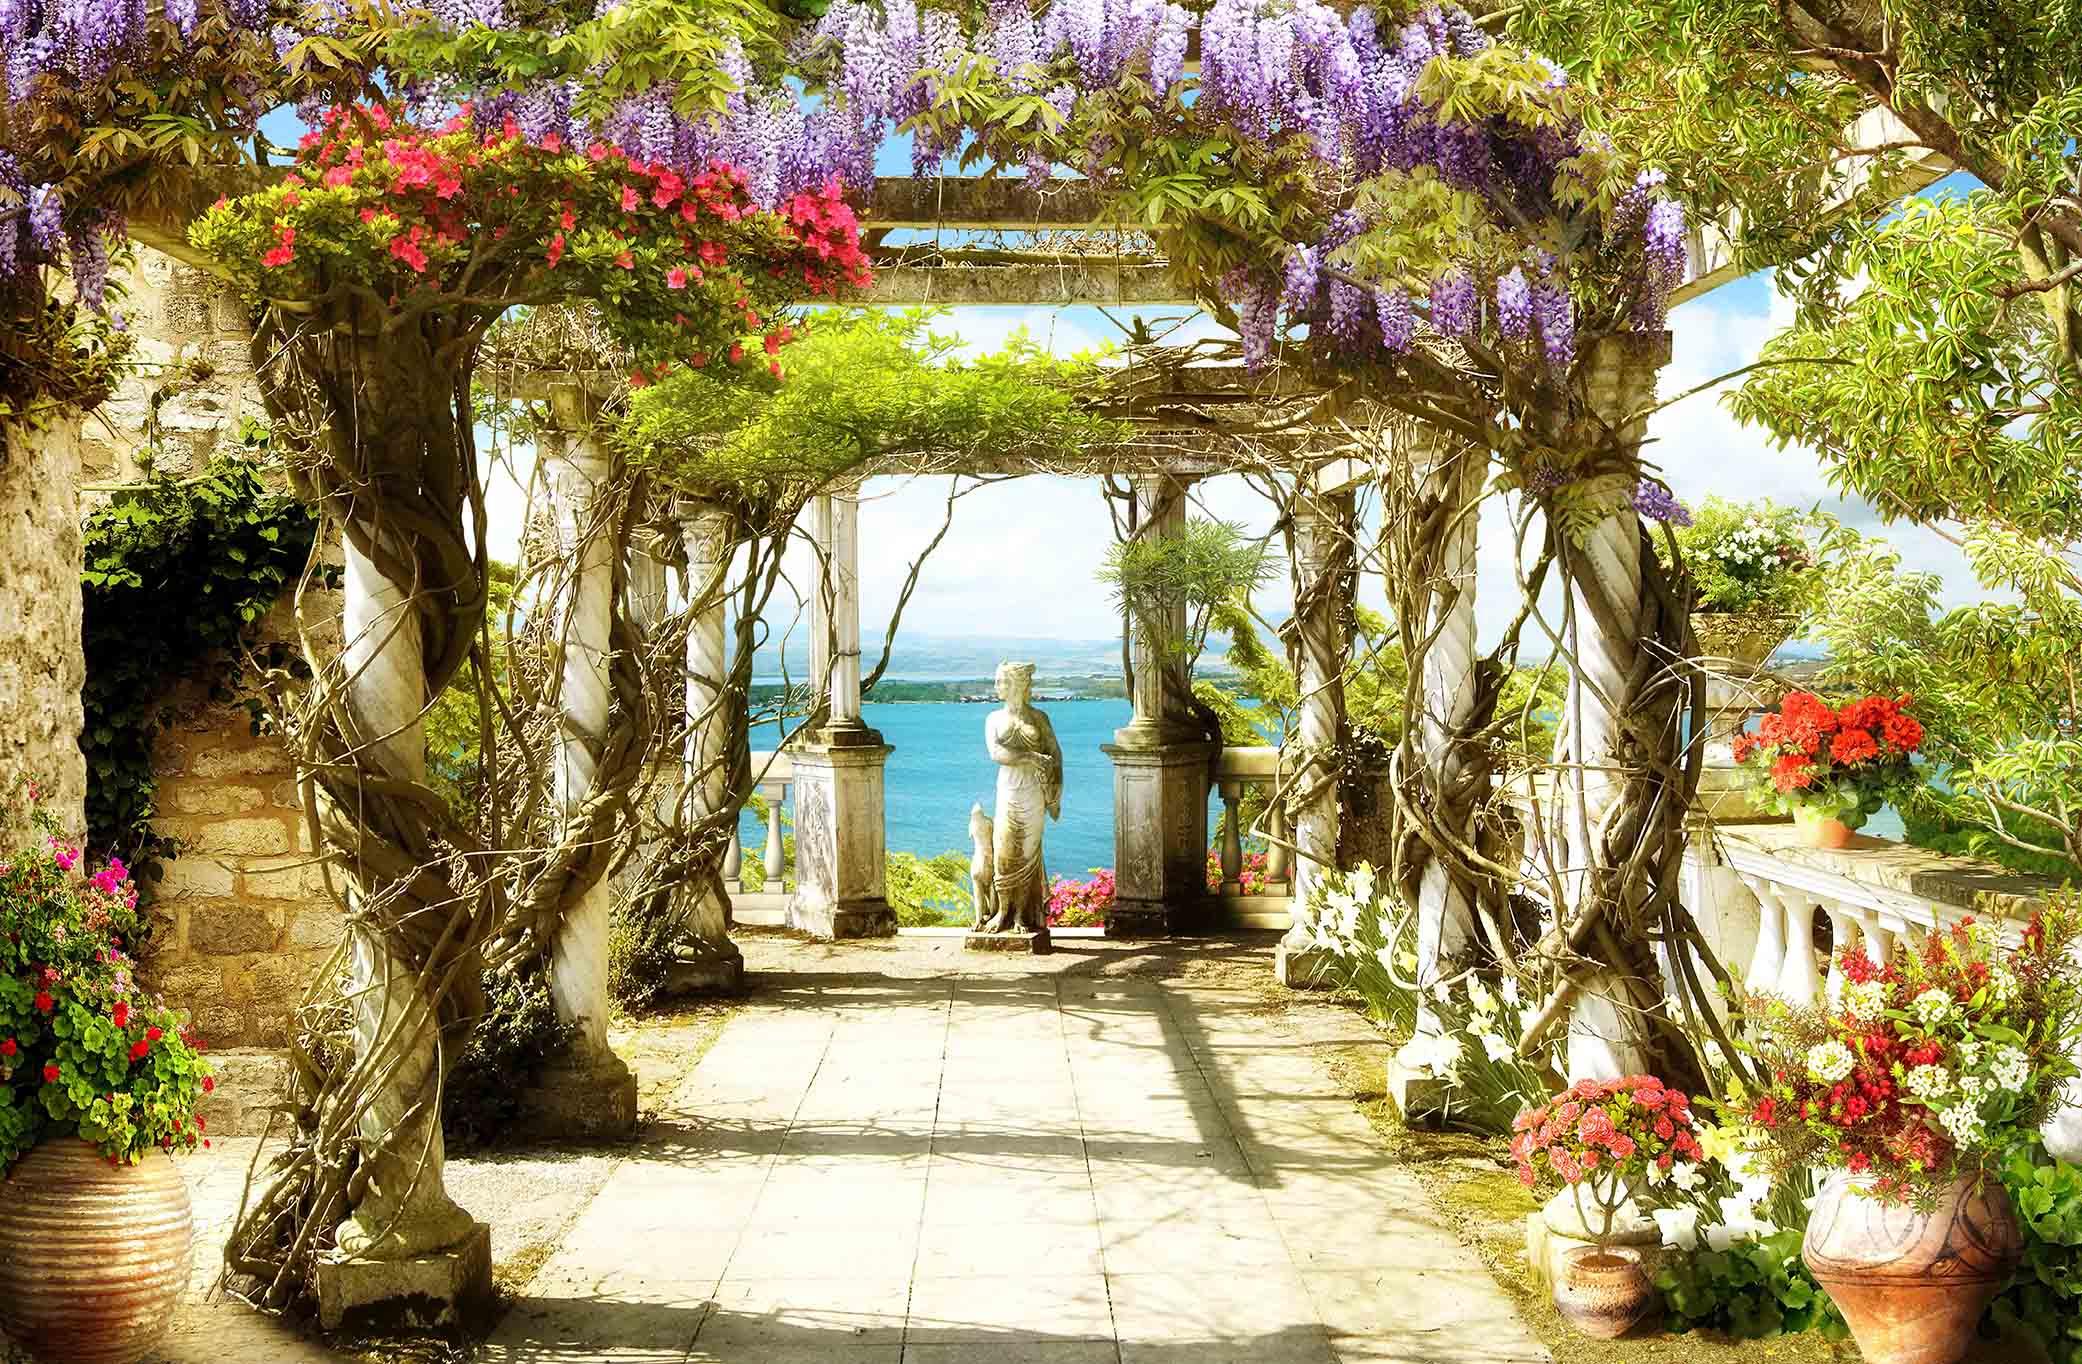 Купить фотообои украшенная цветами терраса с видом на море -.